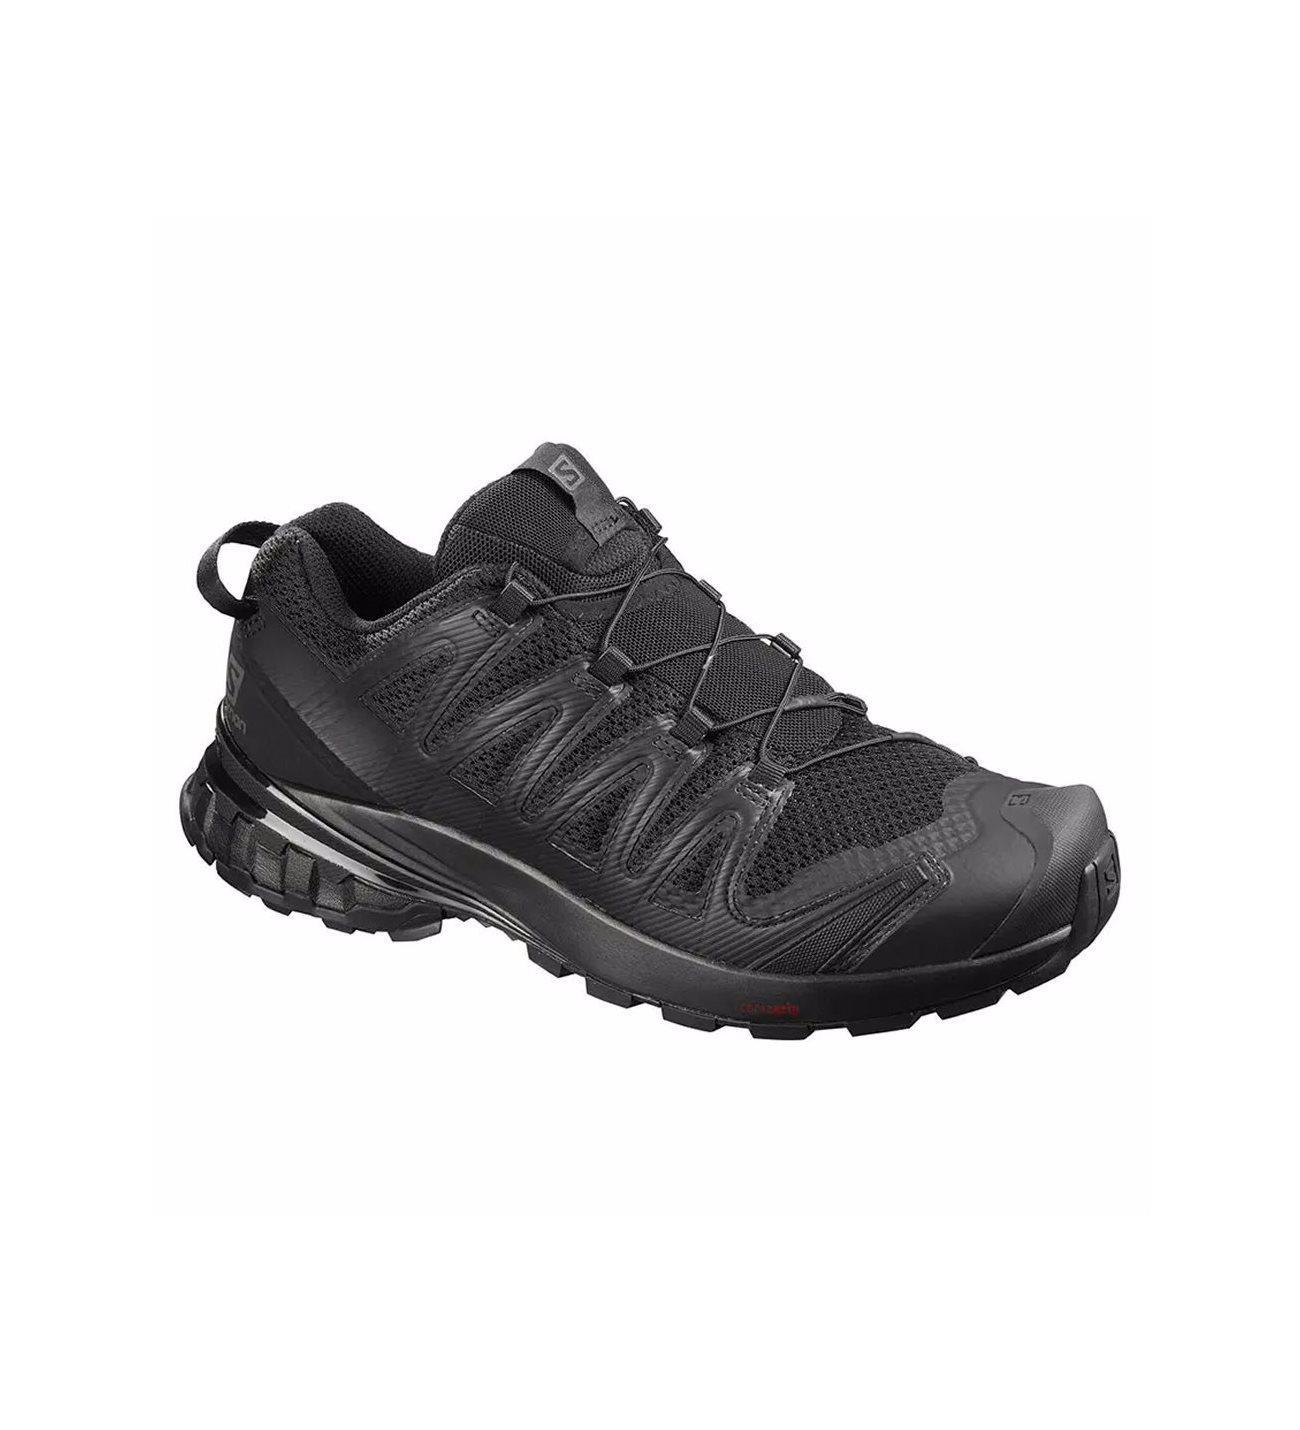 Salomon XA PRO 3D v8 Erkek Ayakkabısı L40987400